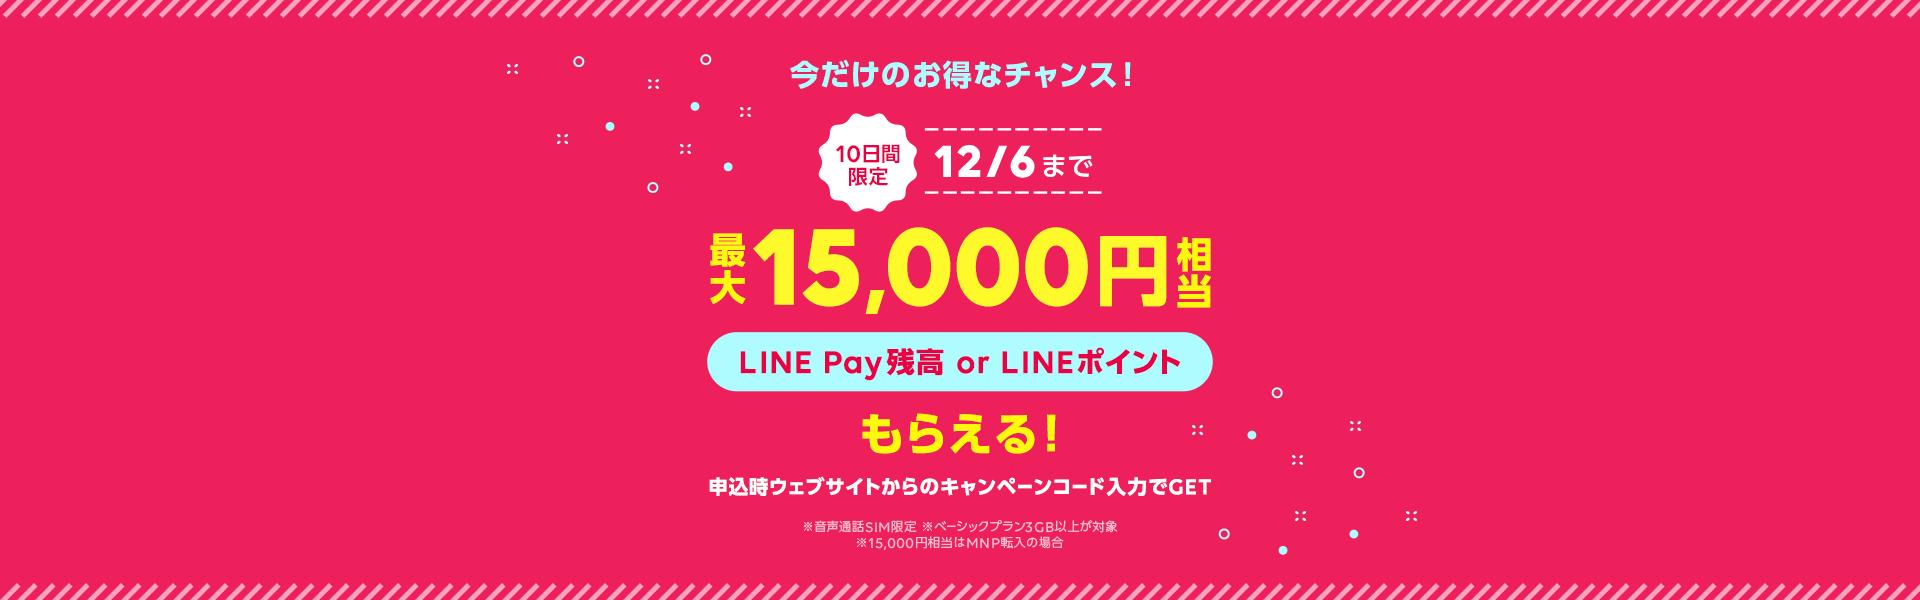 12/6まで 10日間限定!最大15,000円相当もらえる冬の乗り換え大応援!